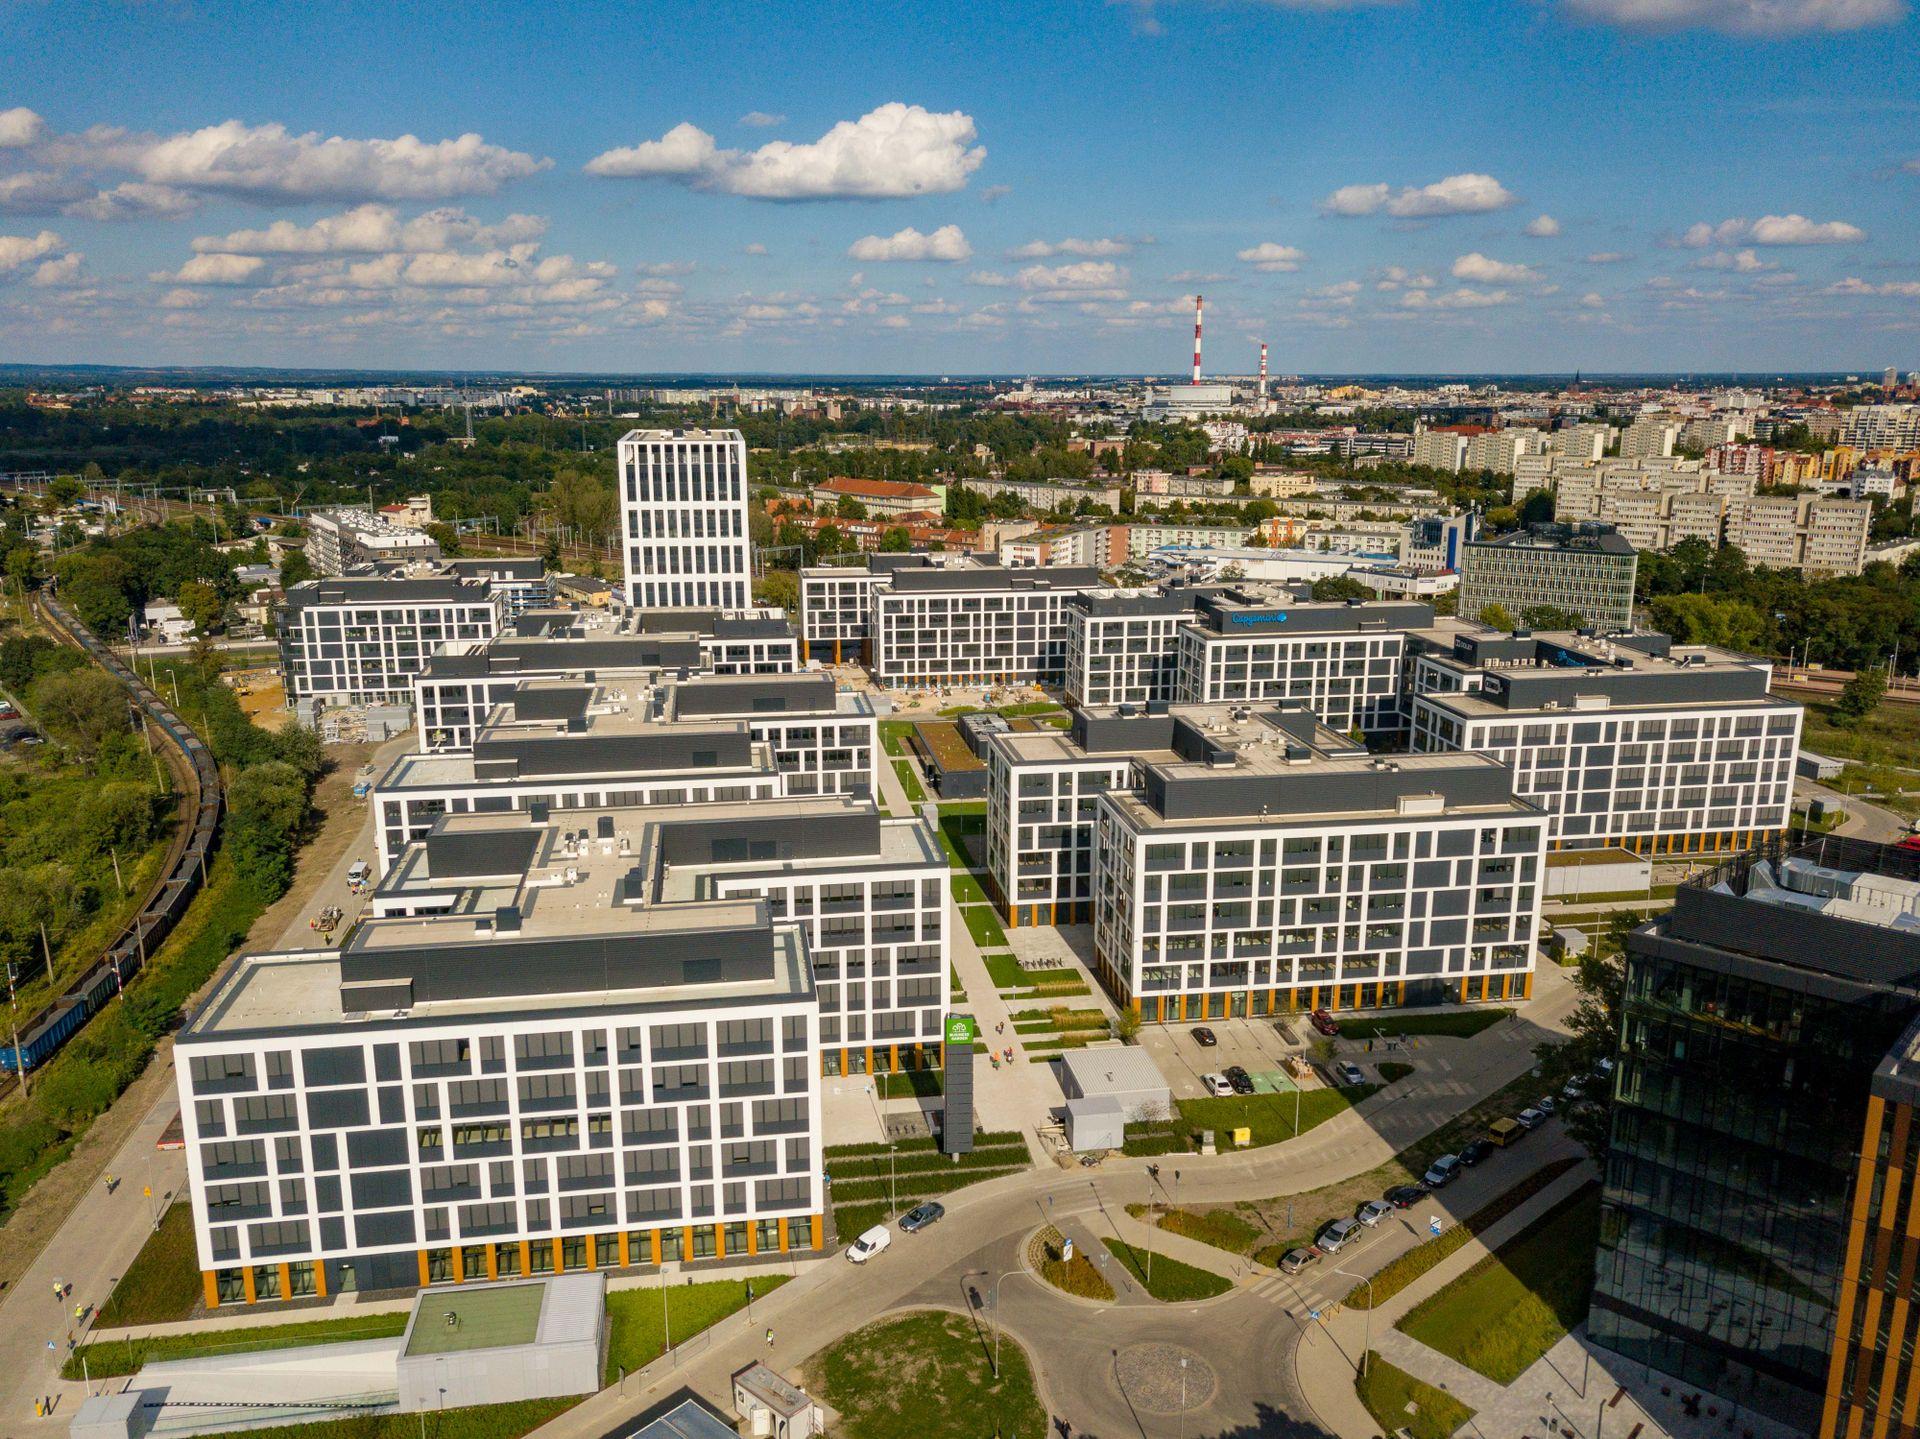 Capgemini zwiększy zatrudnienie w swoich centrach IT we Wrocławiu i Poznaniu